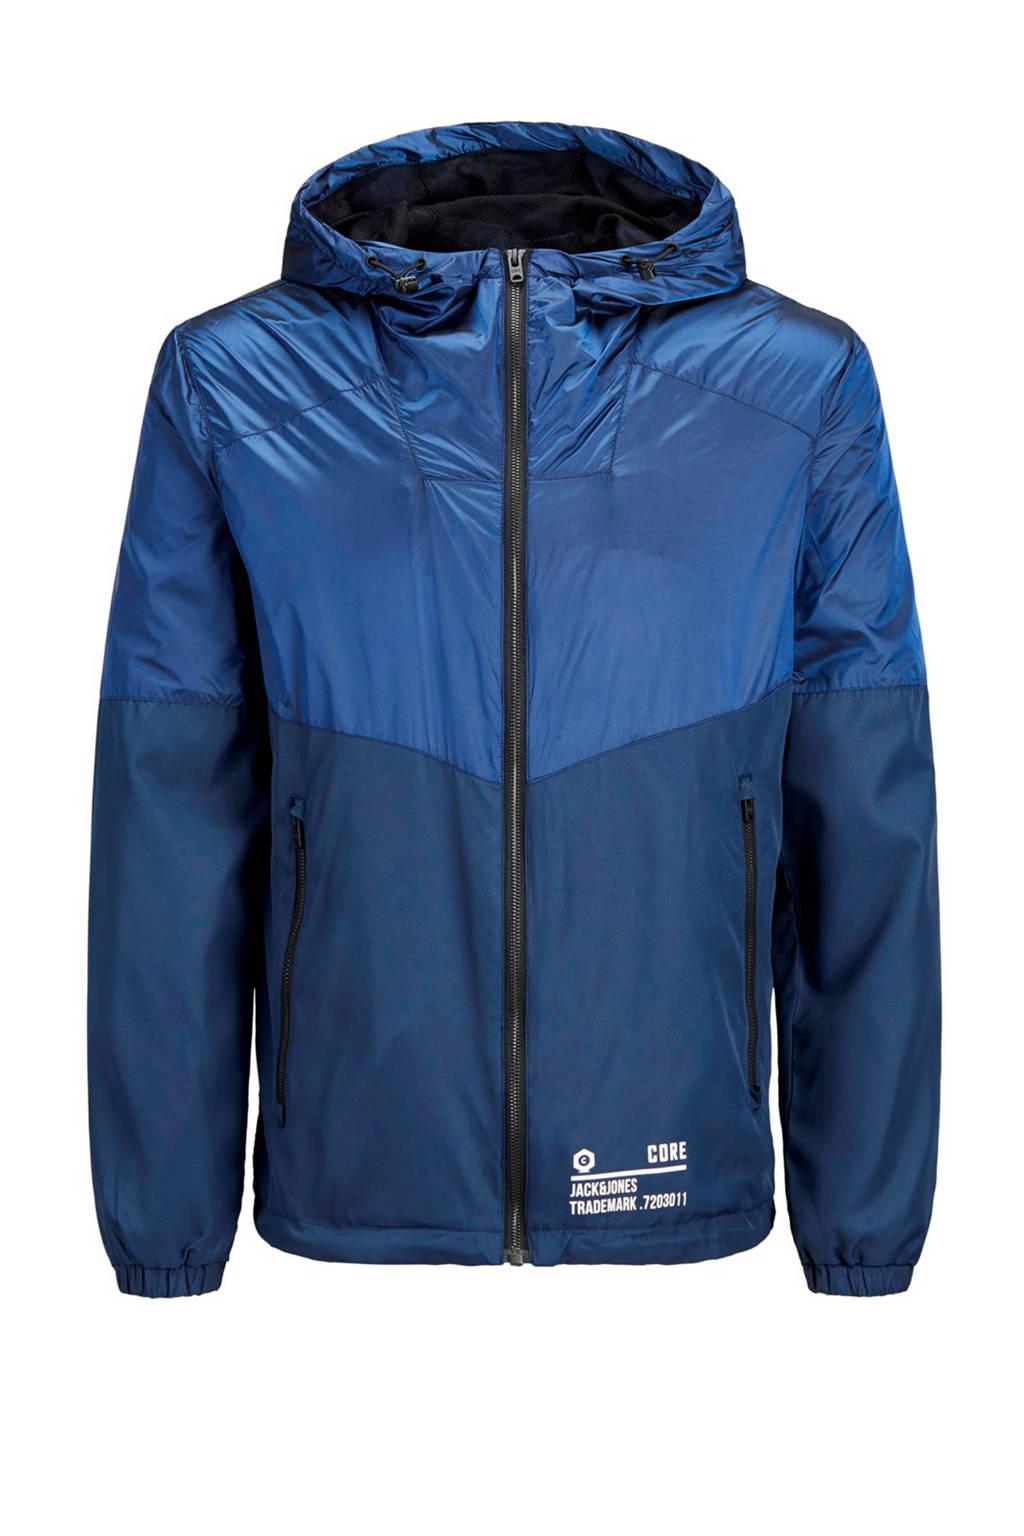 Jack & Jones Junior jas Tonal blauw, Blauw/ donkerblauw